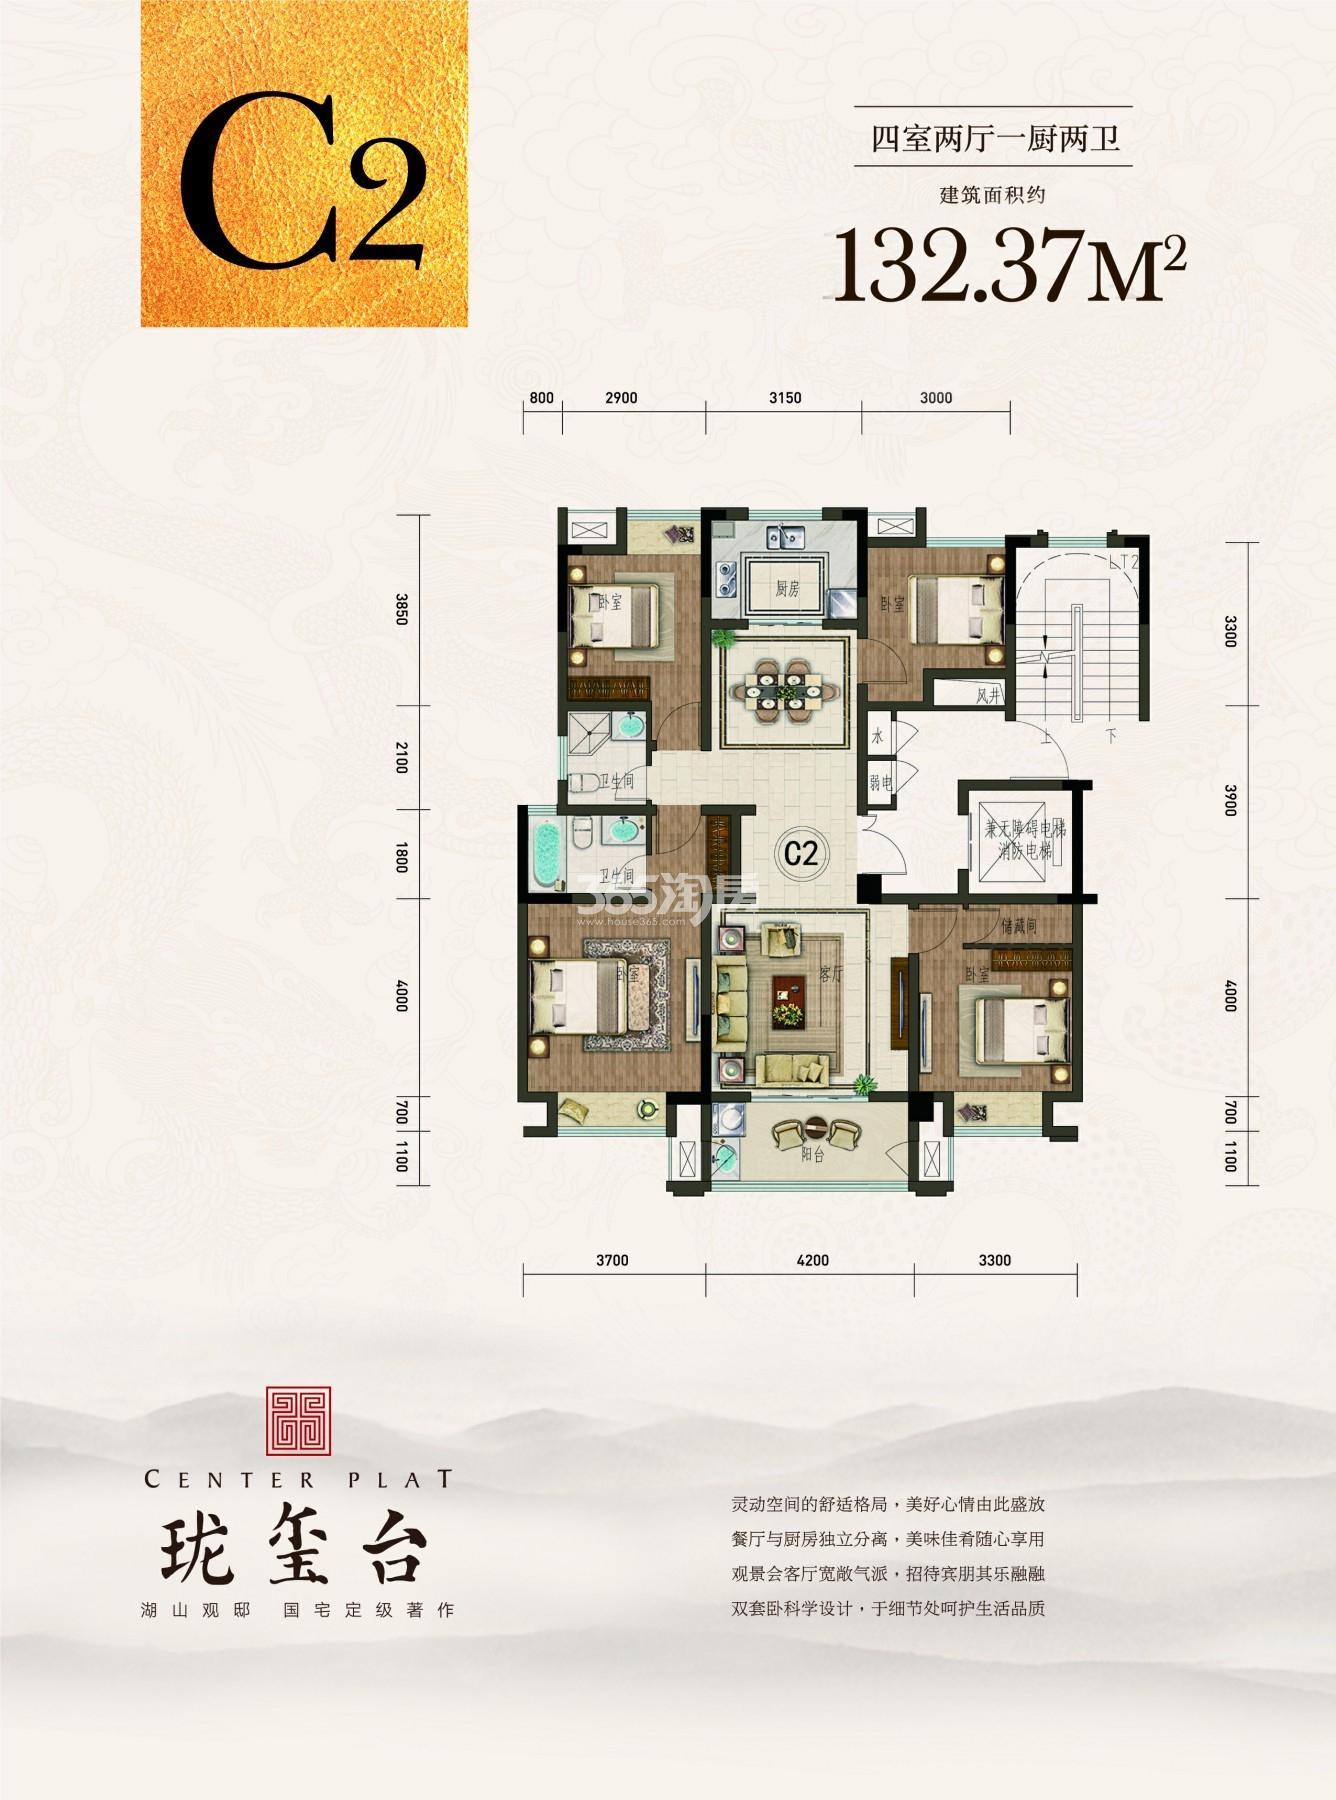 金鹏珑玺台C2 132㎡户型图